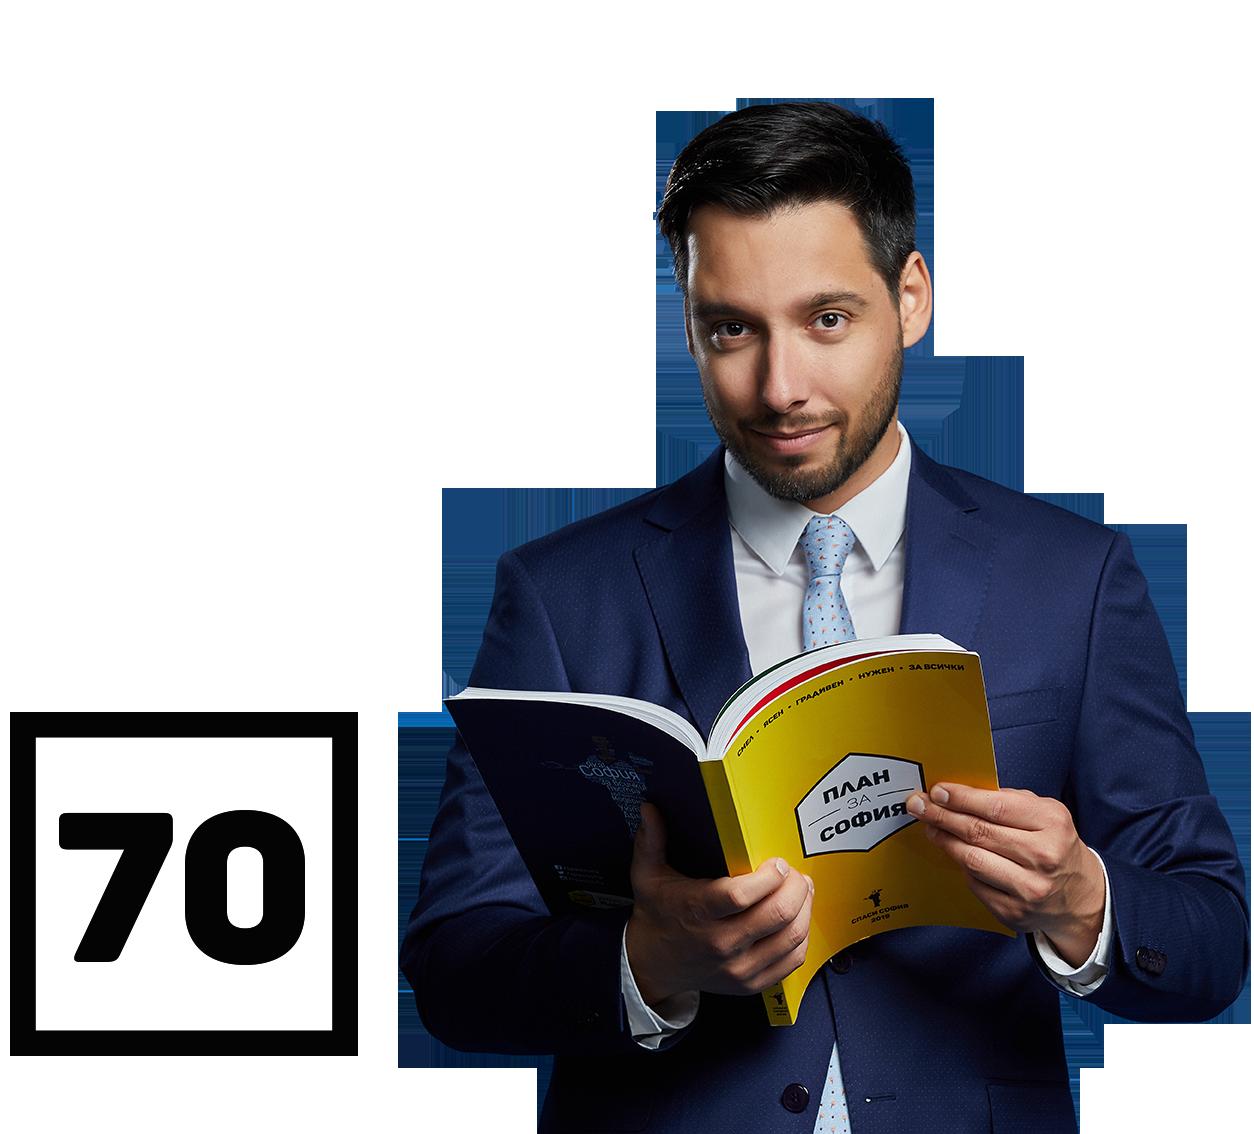 На 27 октомври гласувай за Борис Бонев с номер 70 в бюлетината за кмет